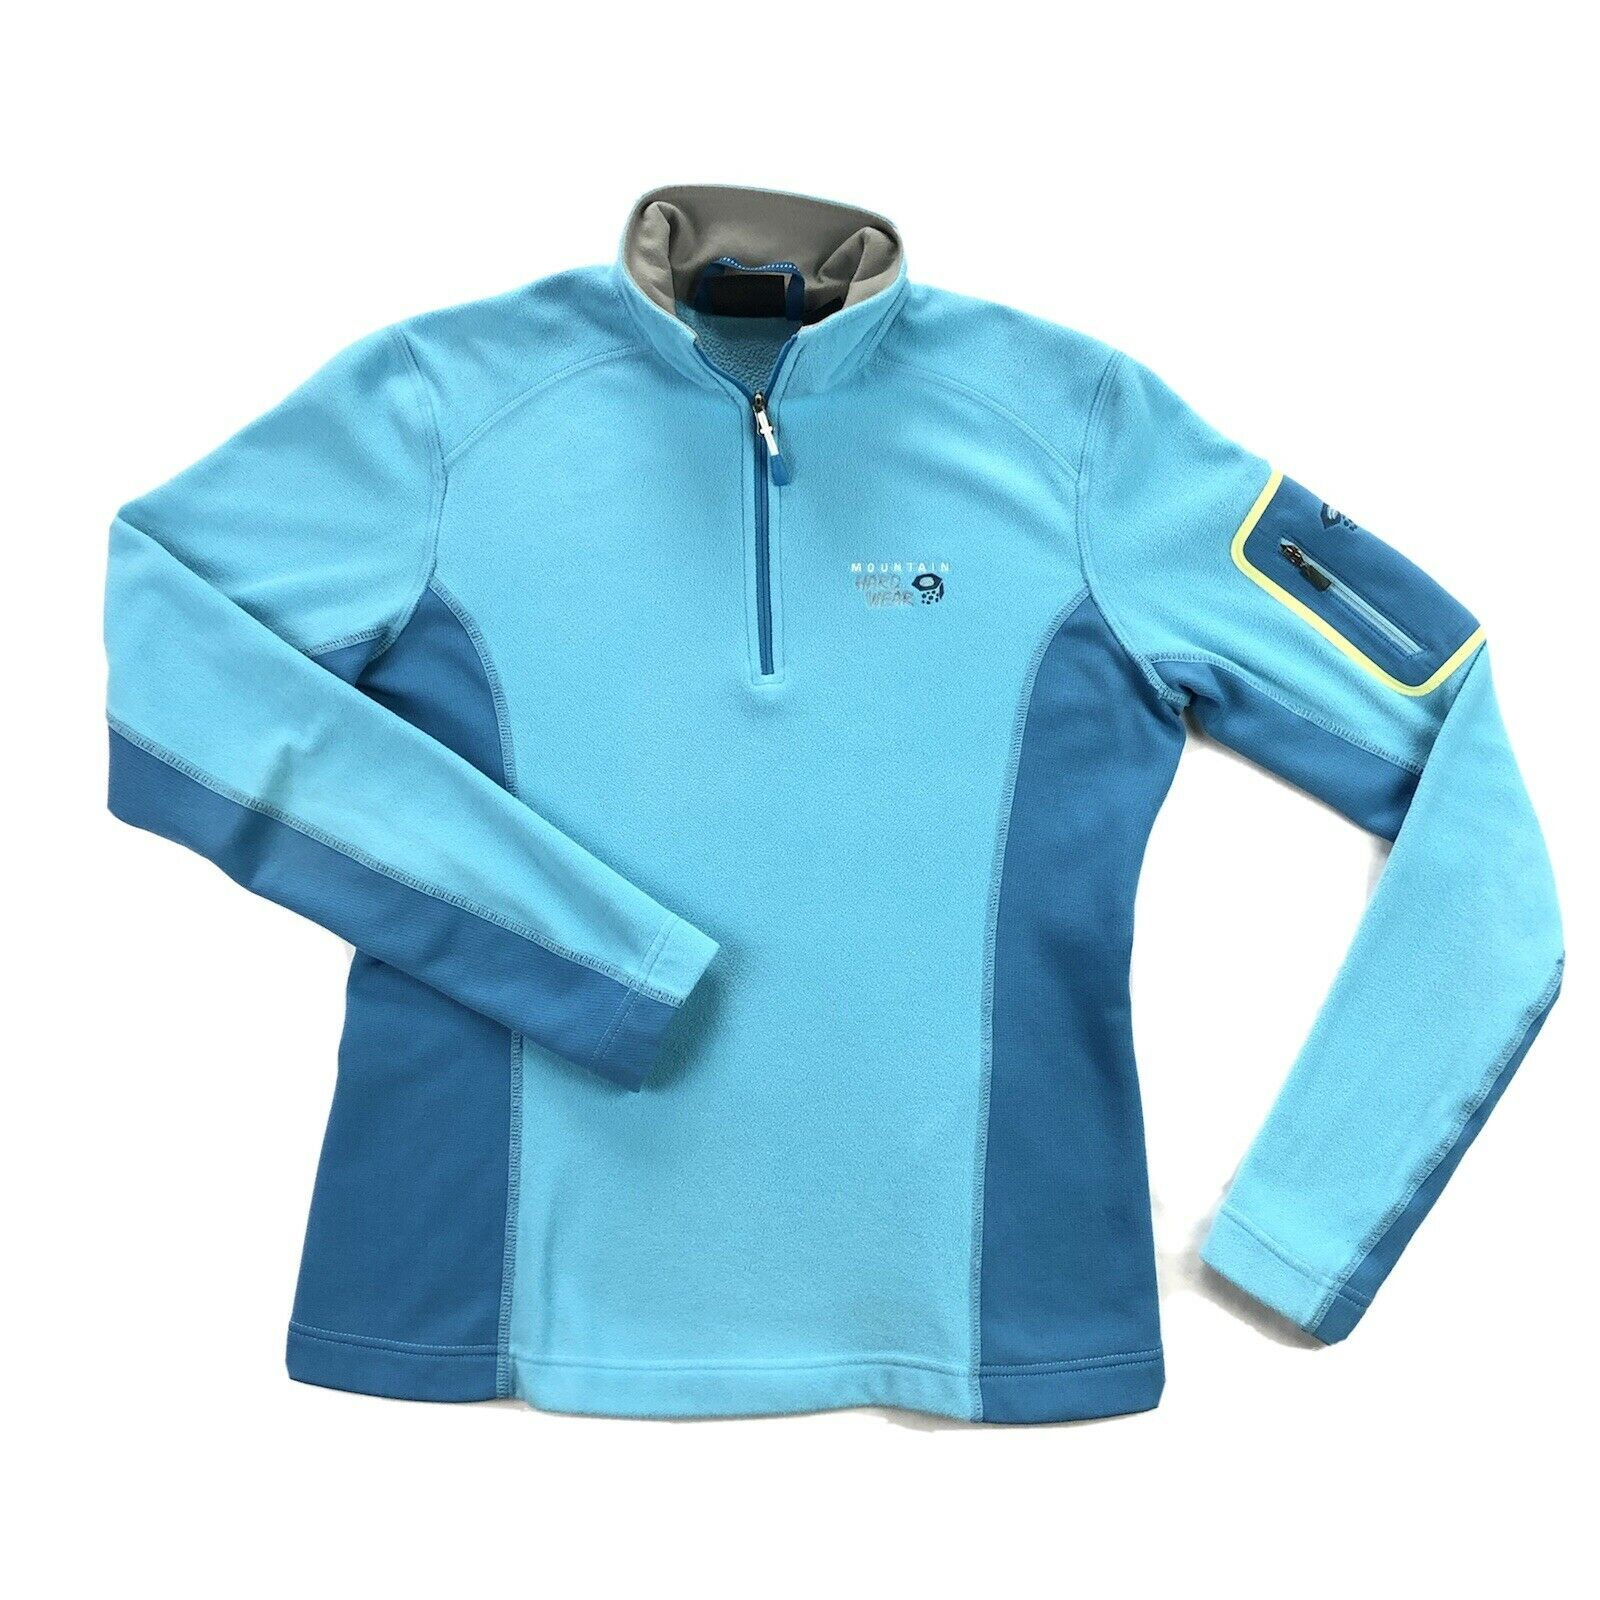 Mountain Hardwear Micro Stretch Fleece Tee Womens Small Blue 1/4 Zip MSRP